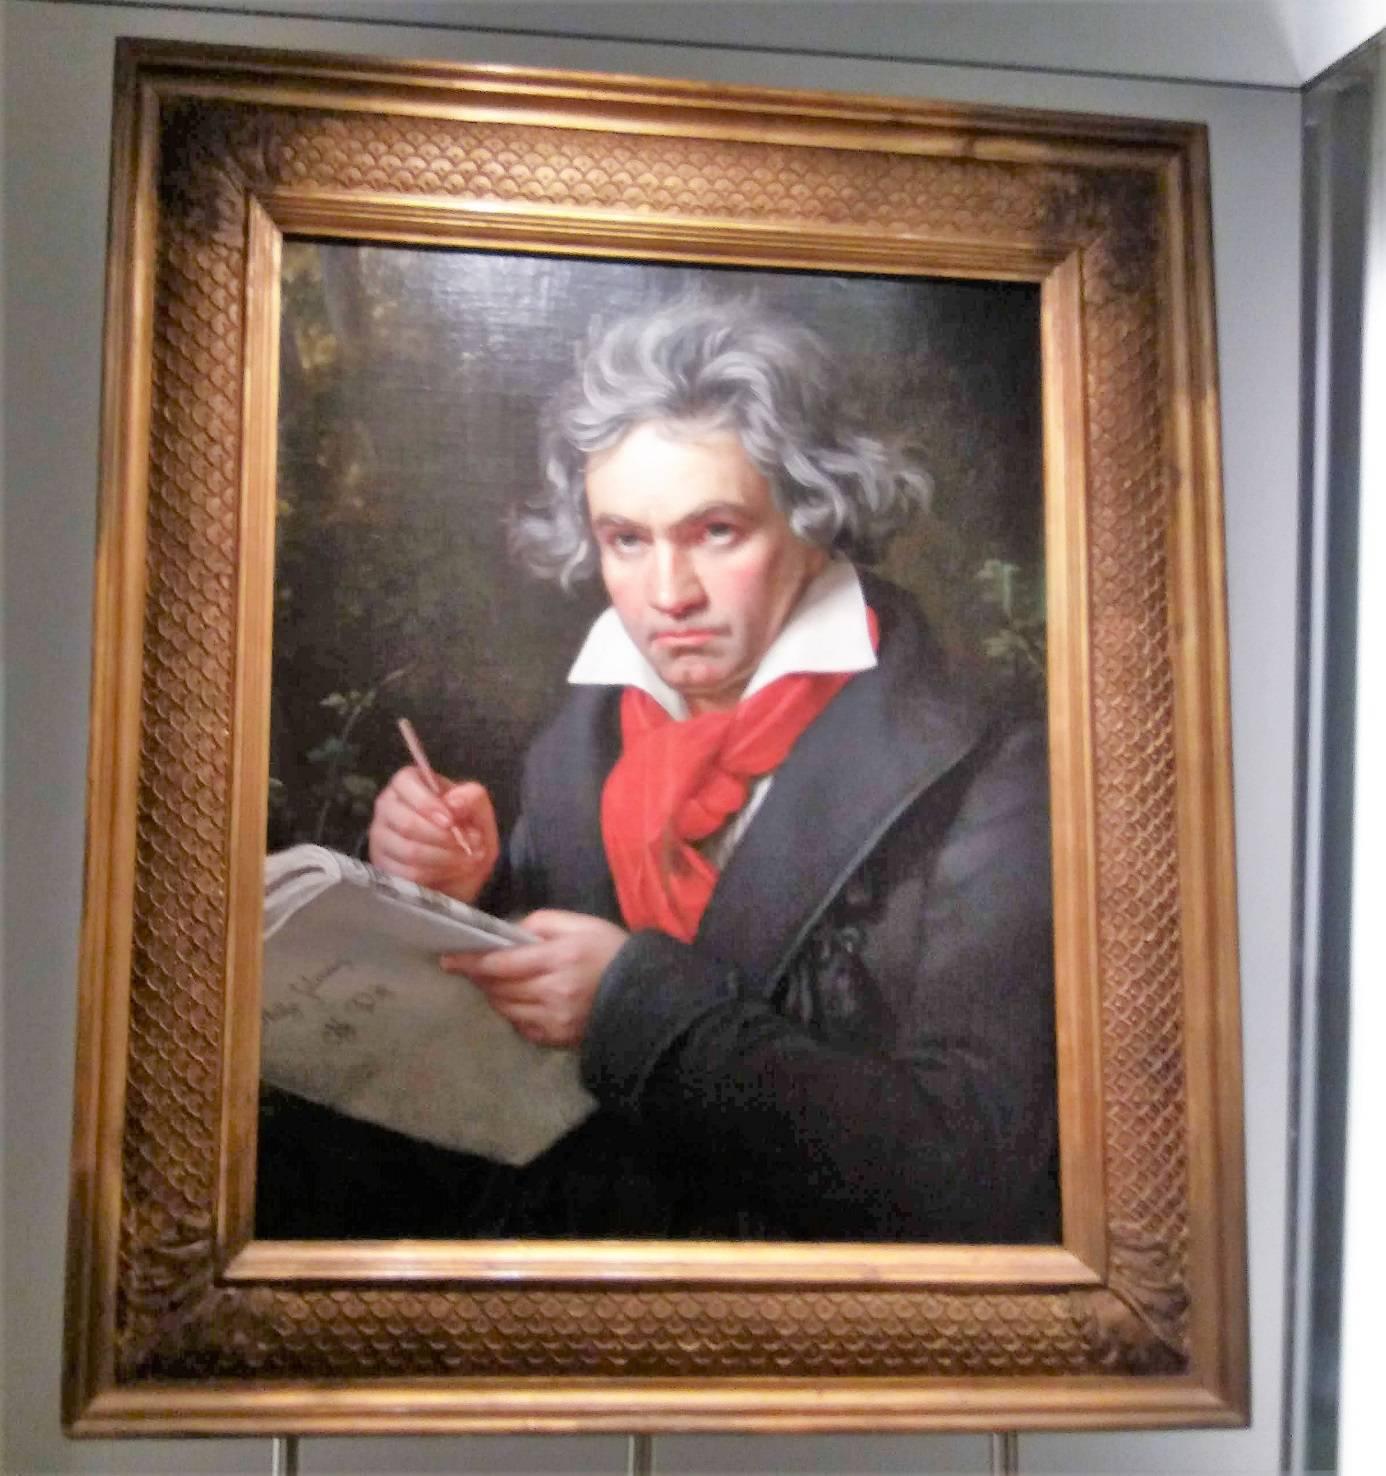 Lezing Beethoven door Hilde Goedgezelschap